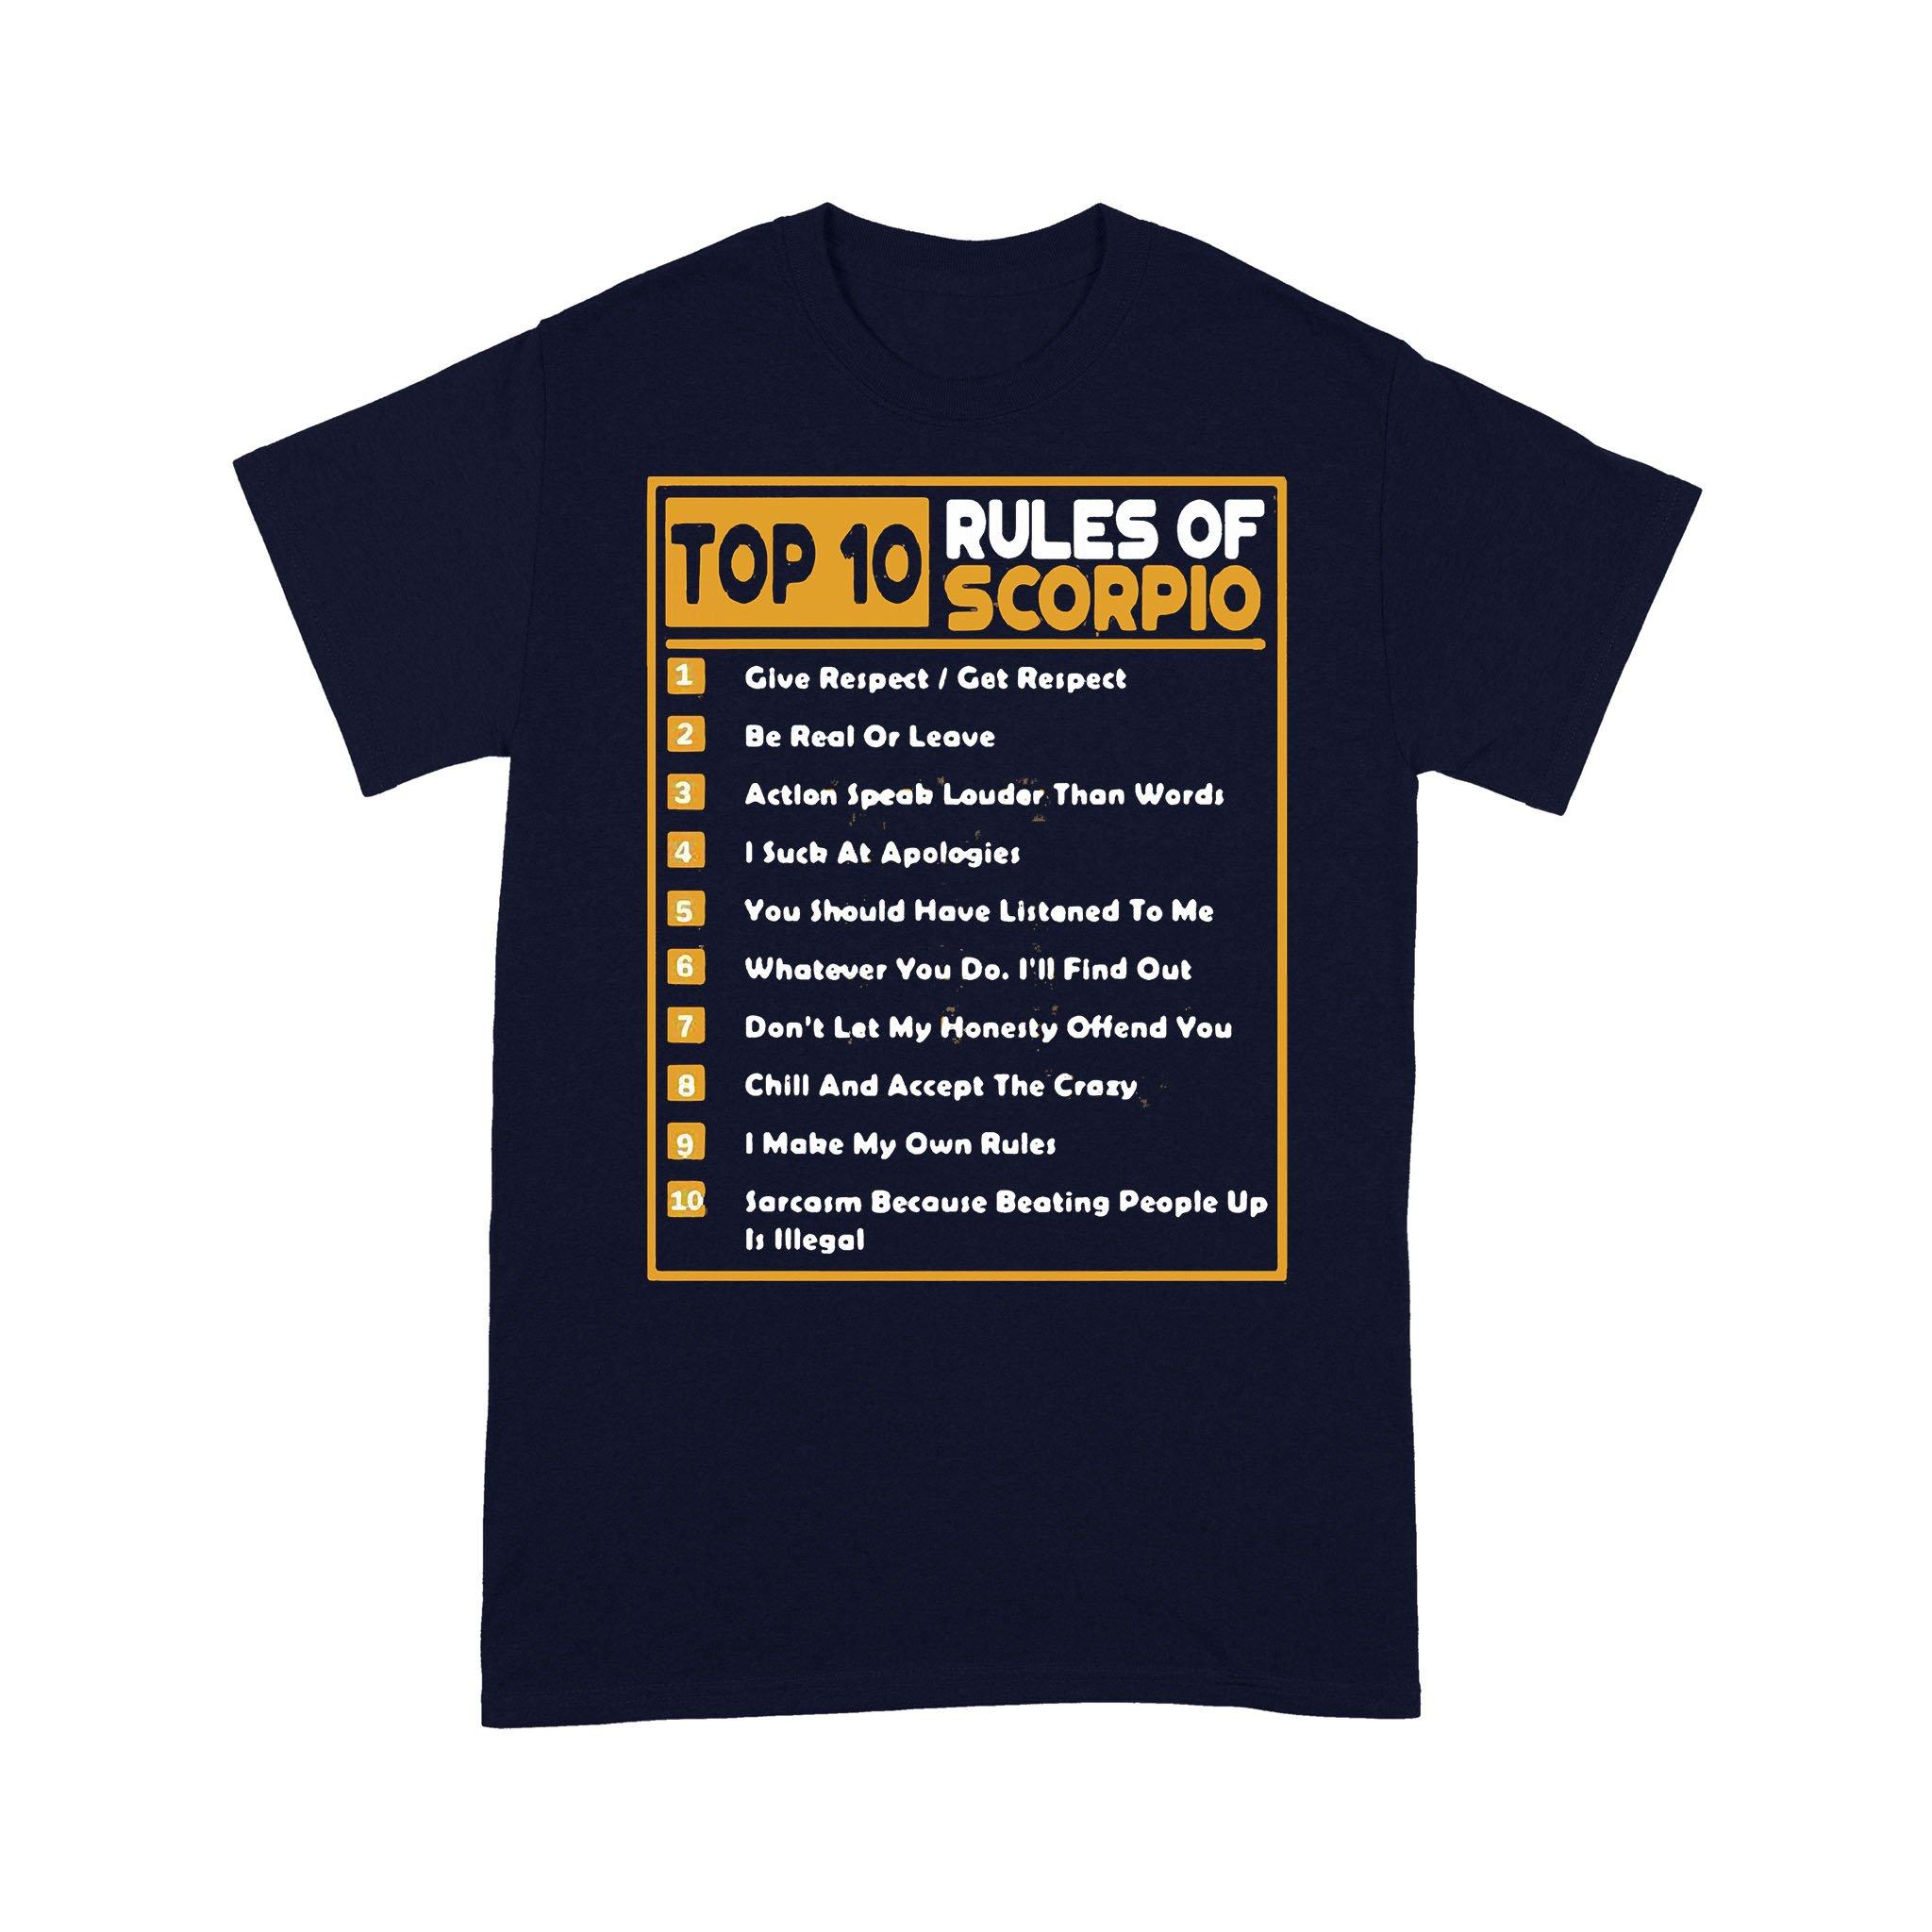 Top 10 Rules Of Scorpio Birthday T-shirt